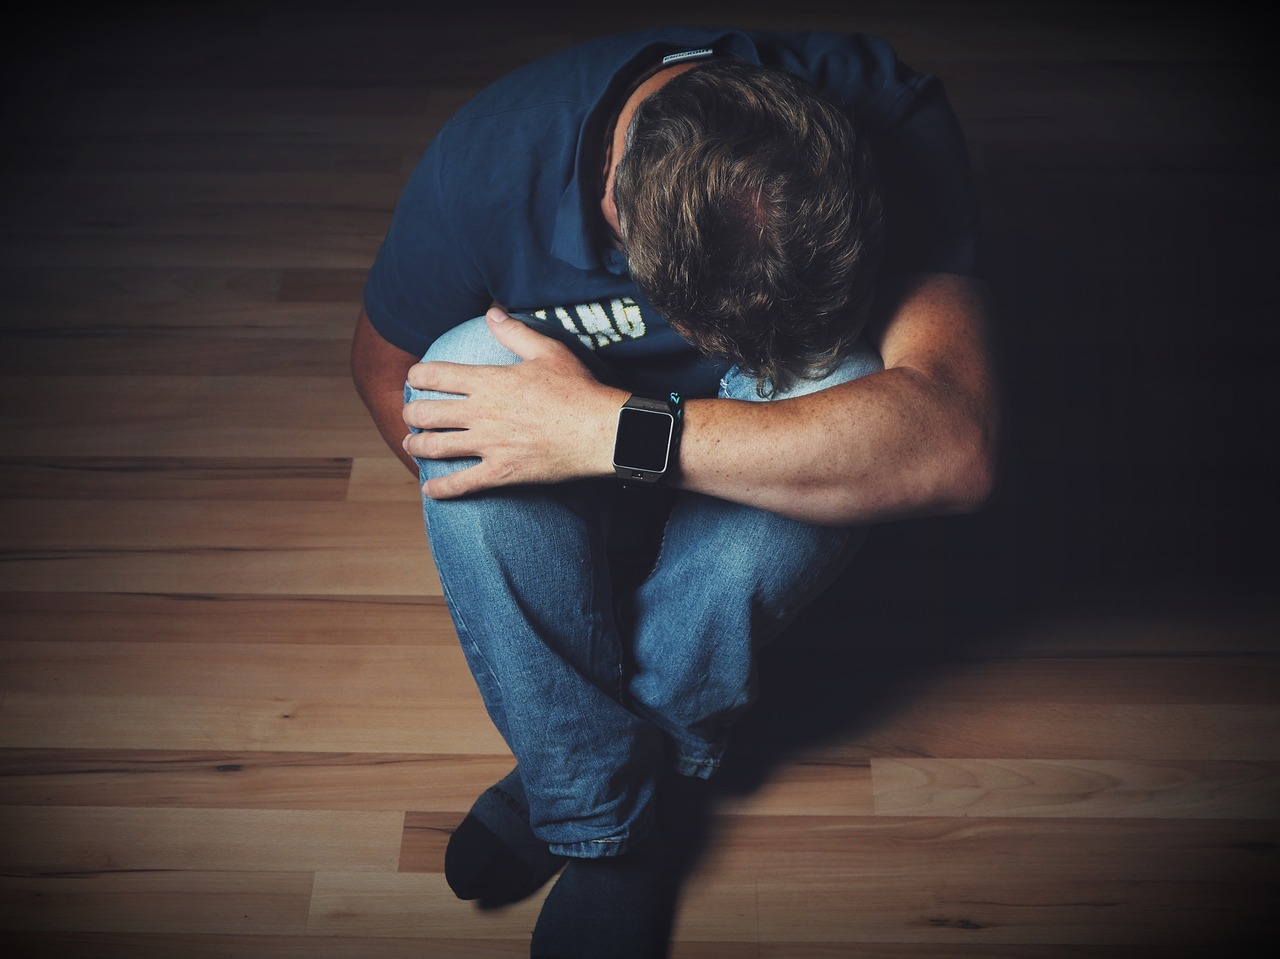 うつ病を患った人への接し方がわかりません。恋人として何ができますか